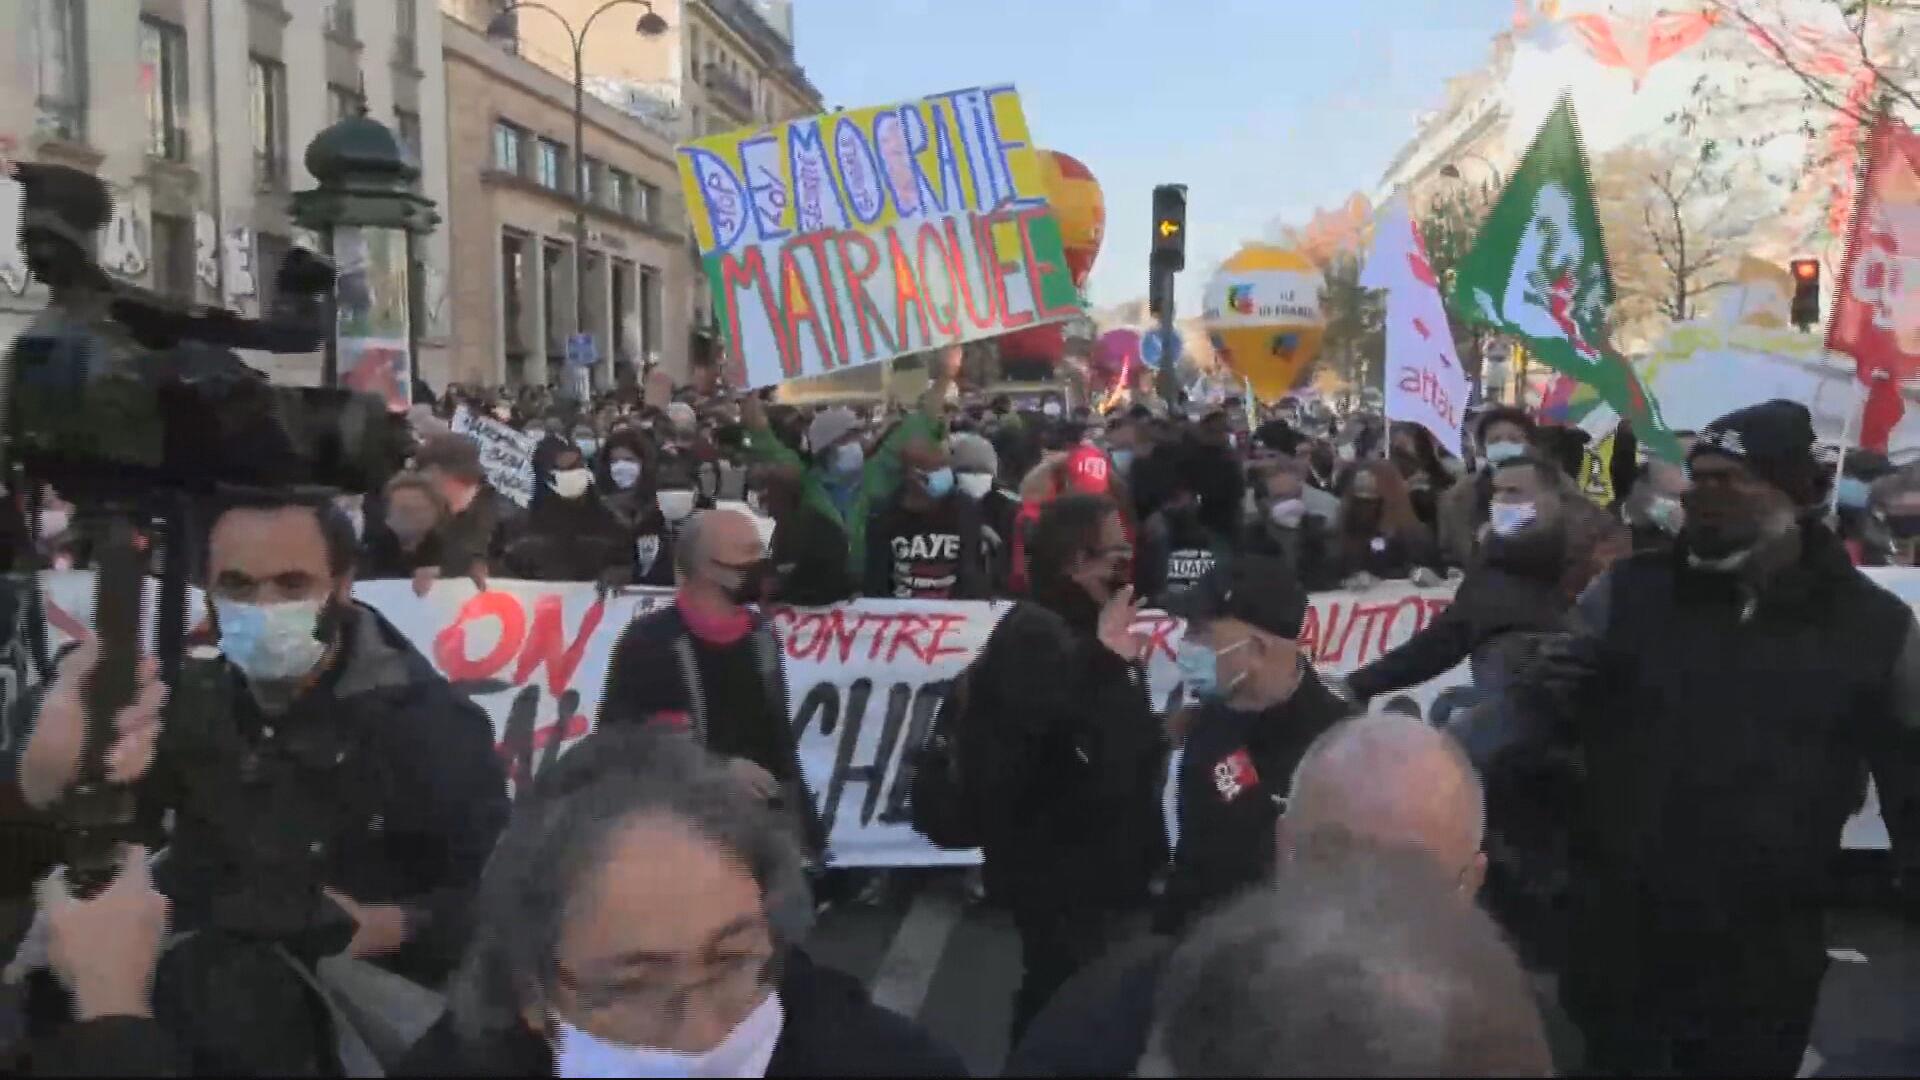 Protesto em Paris contra violência policial (28 nov. 2020)